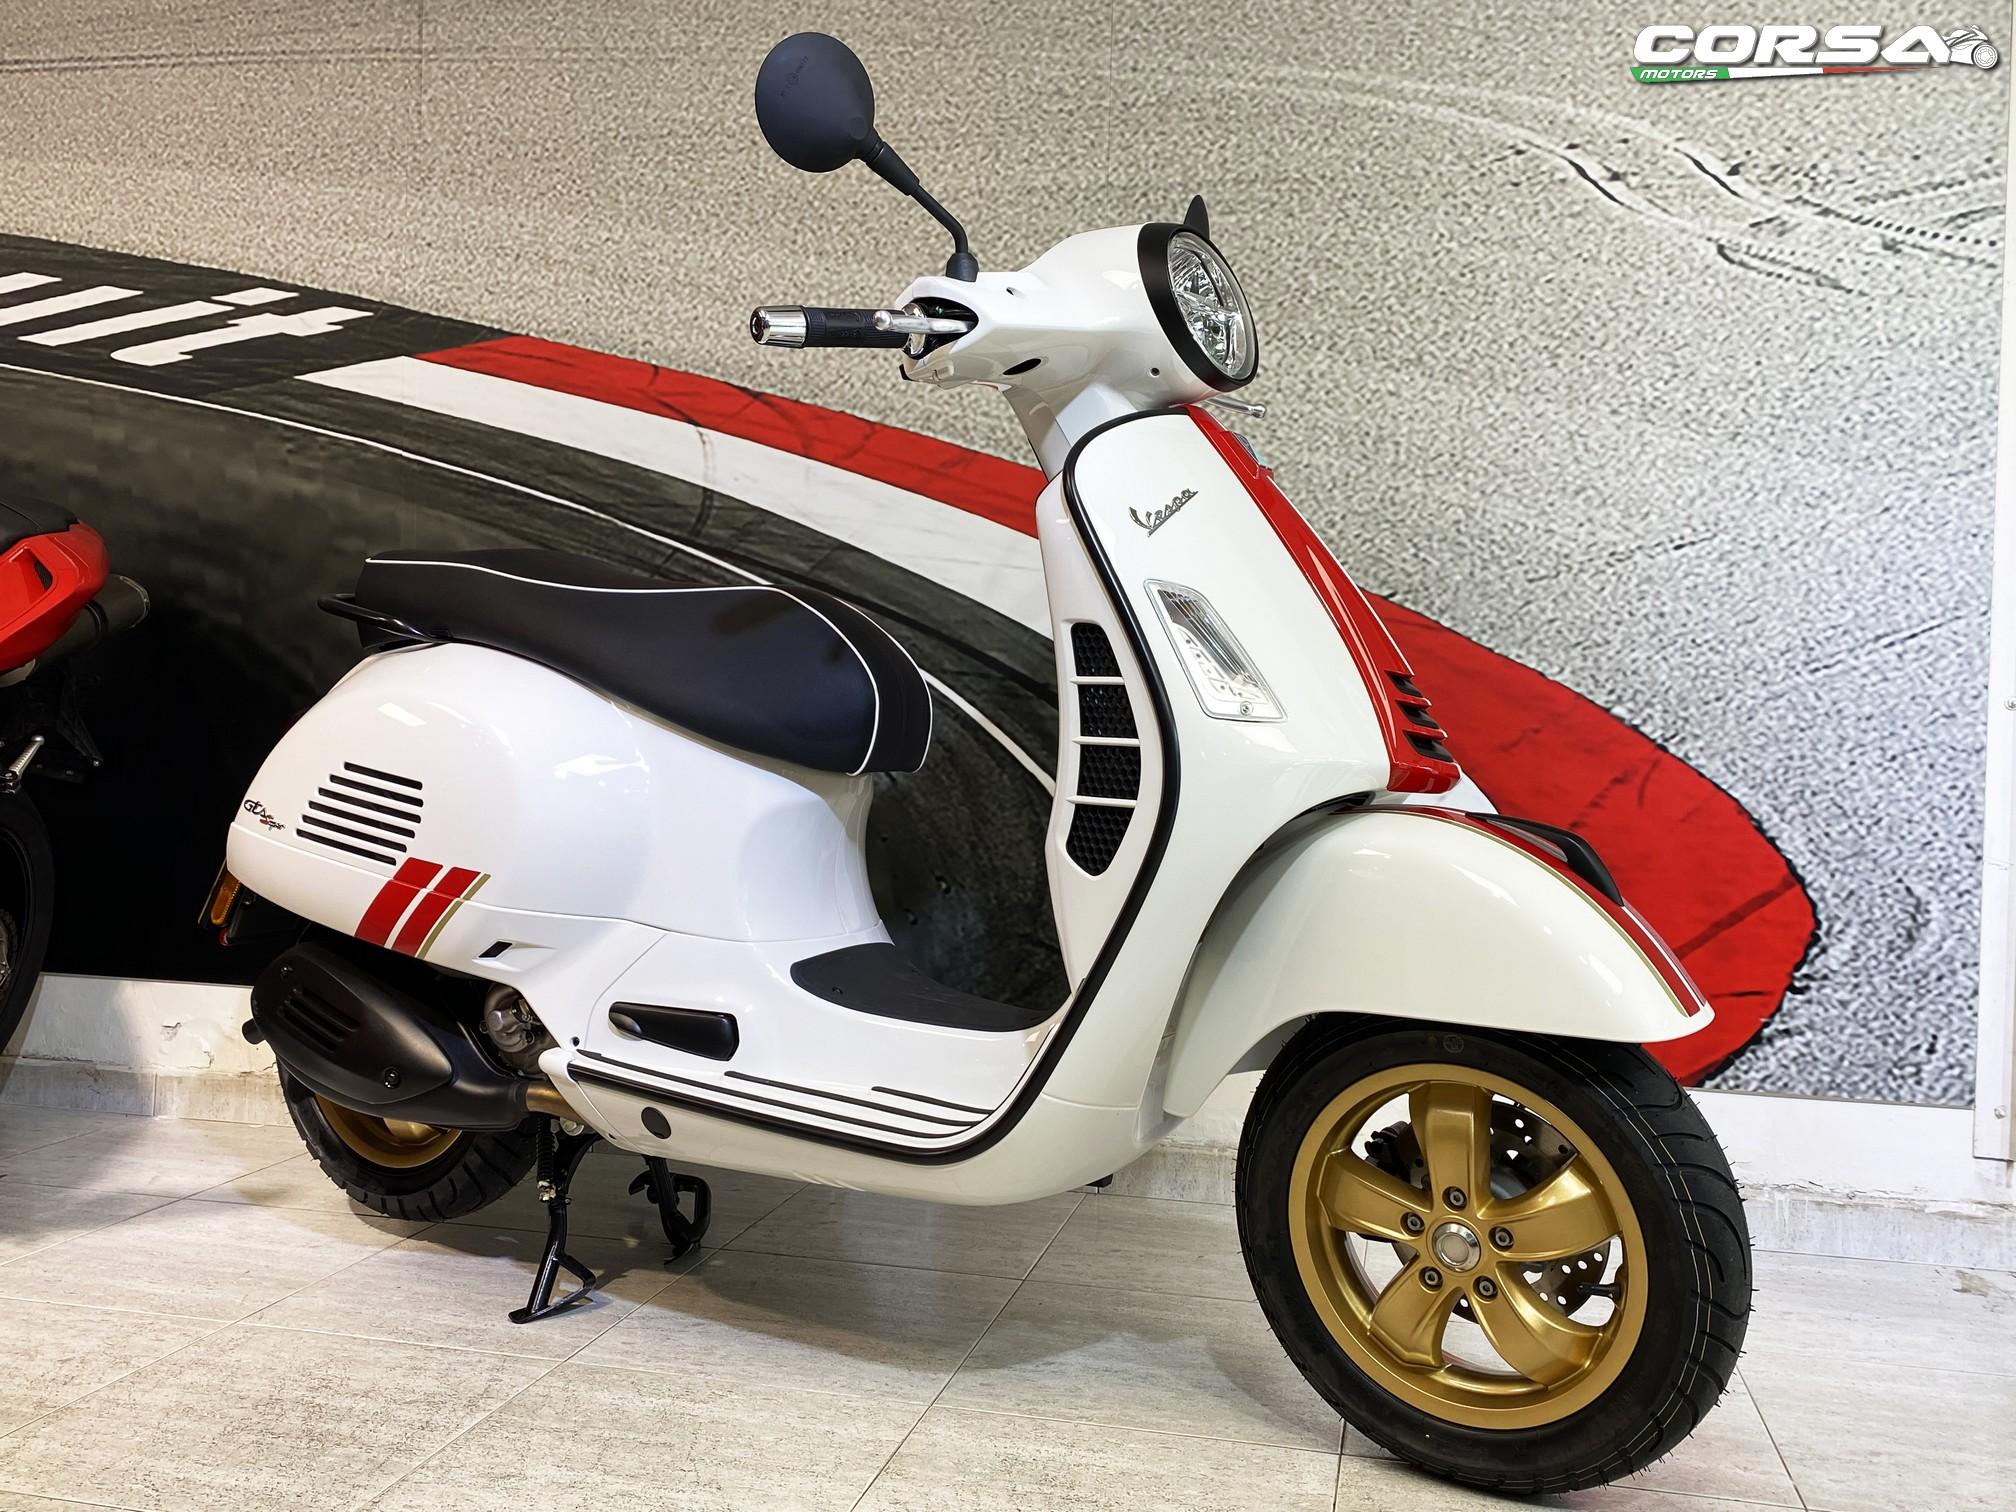 VESPA GTS300ie Super 2020    -「Webike摩托車市」